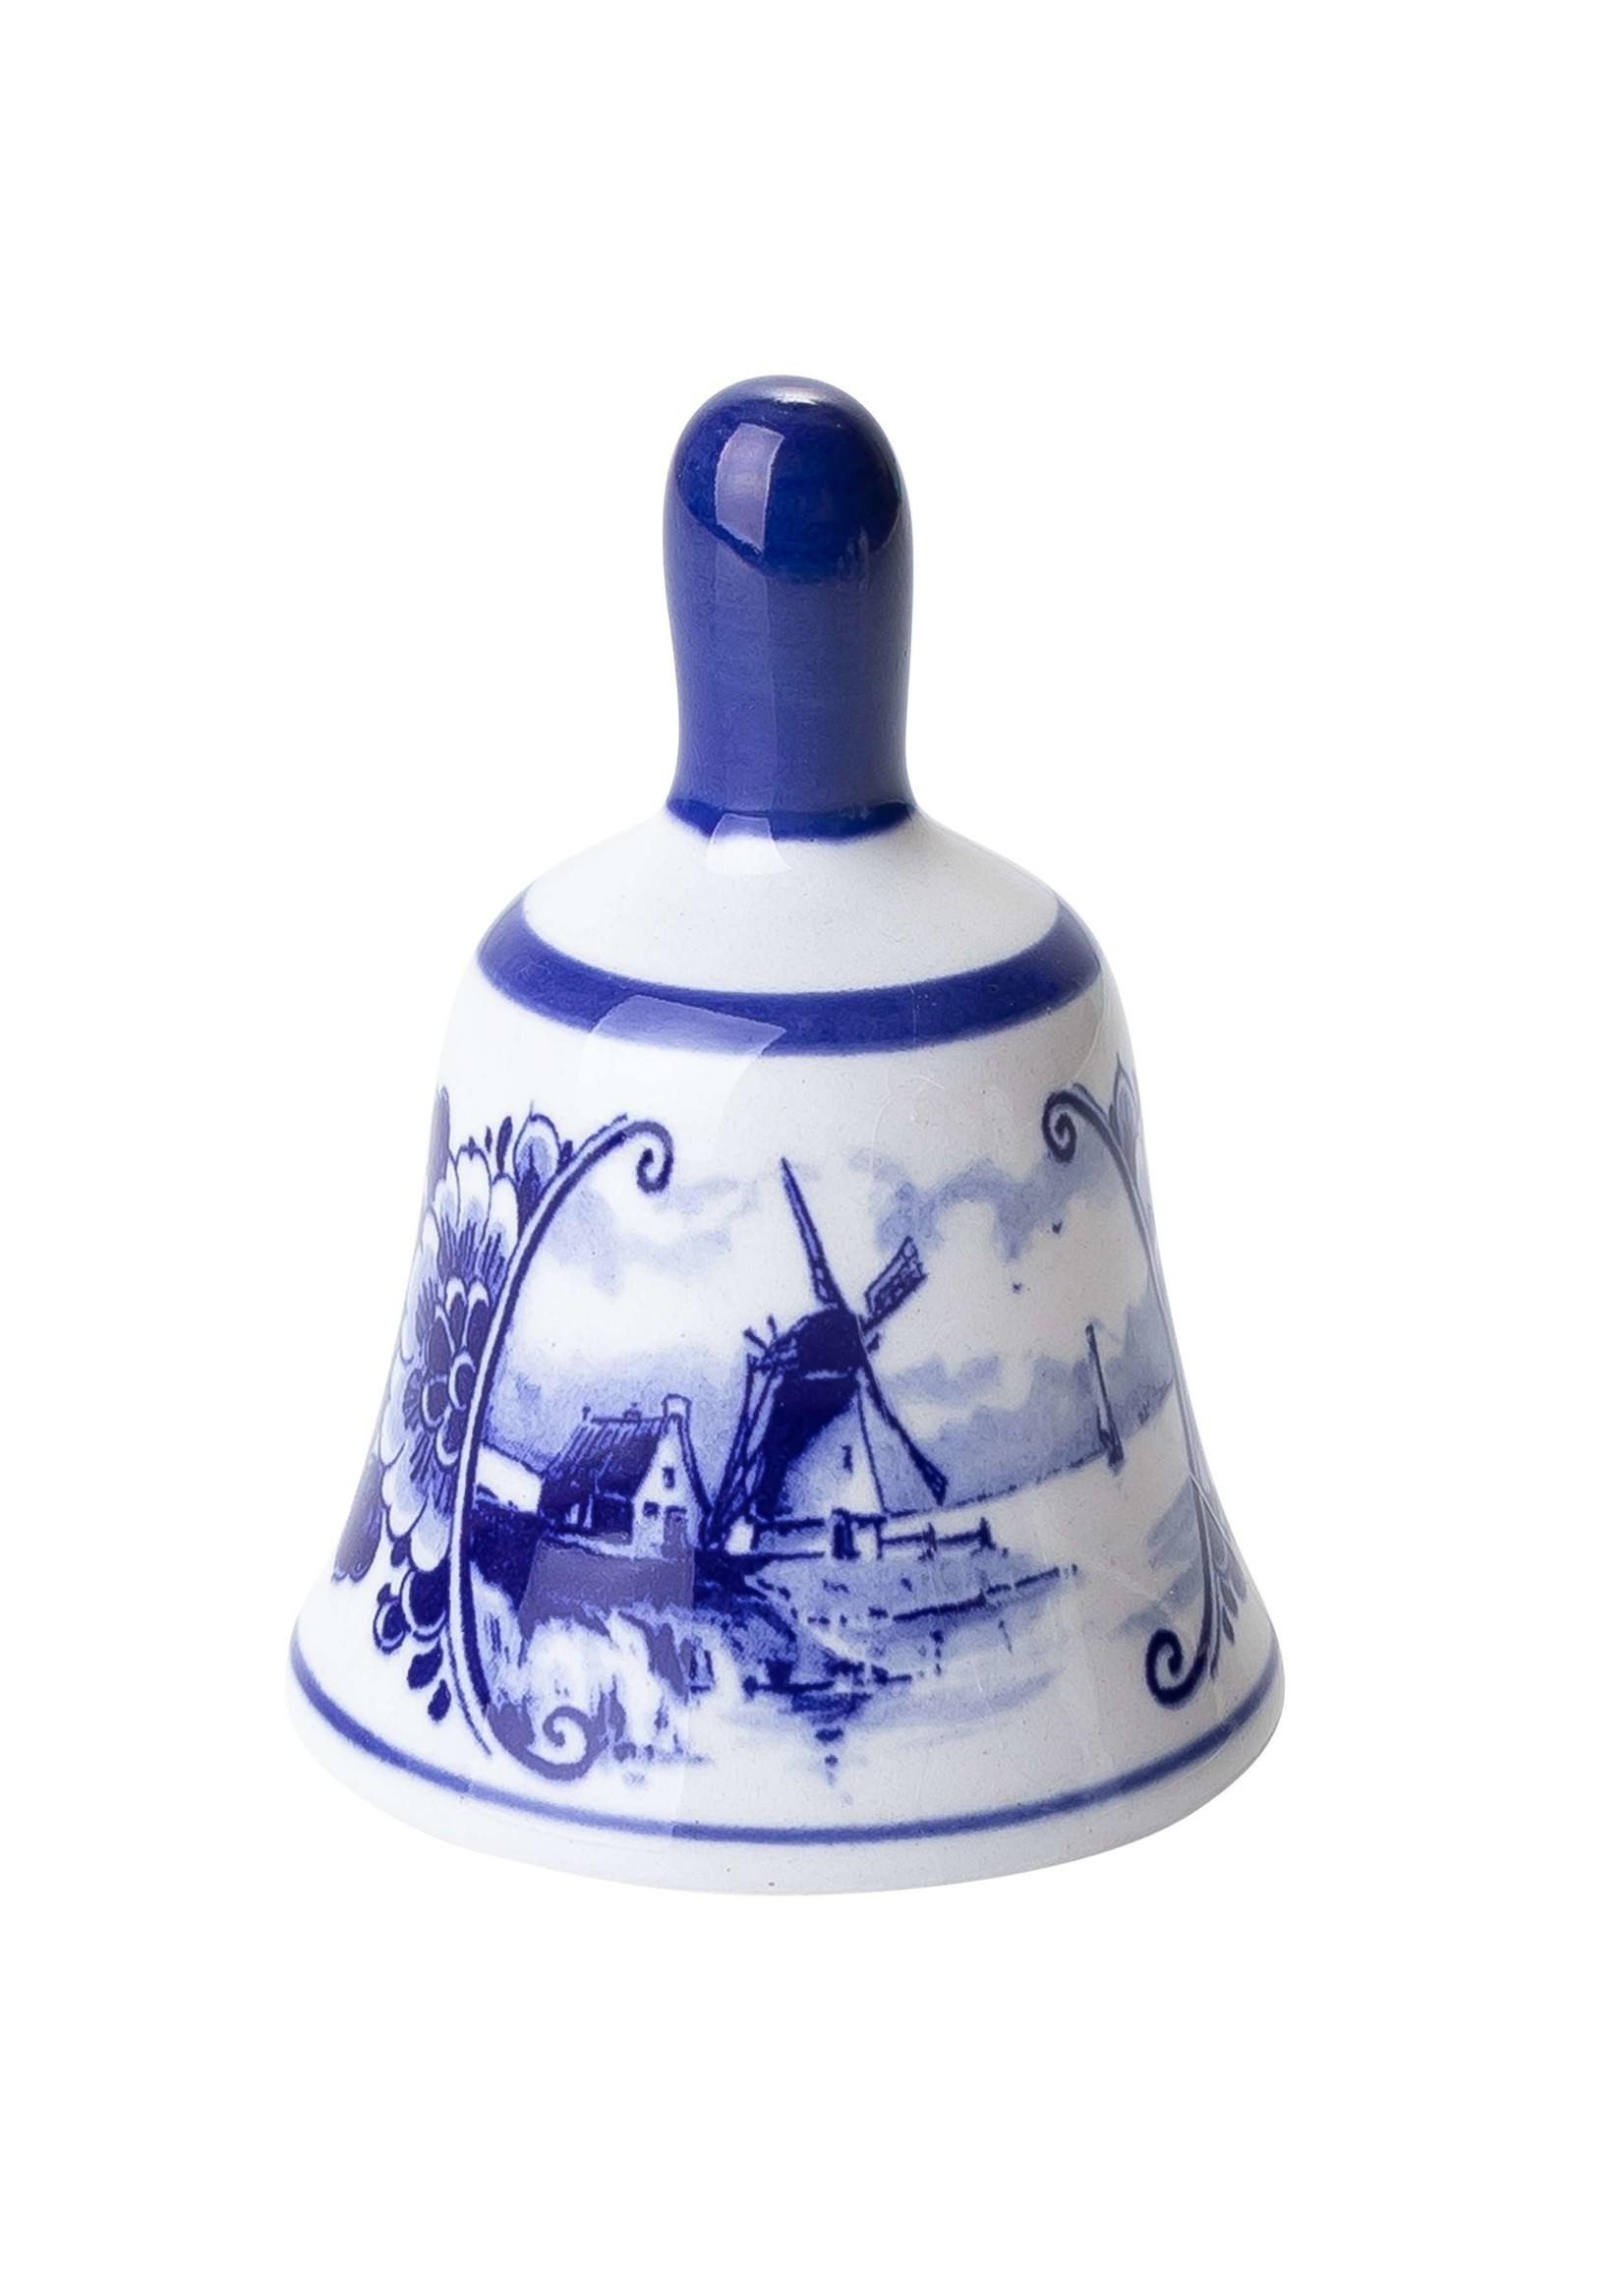 Delfts Blauwe Tafelbel met Windmolen, Klein